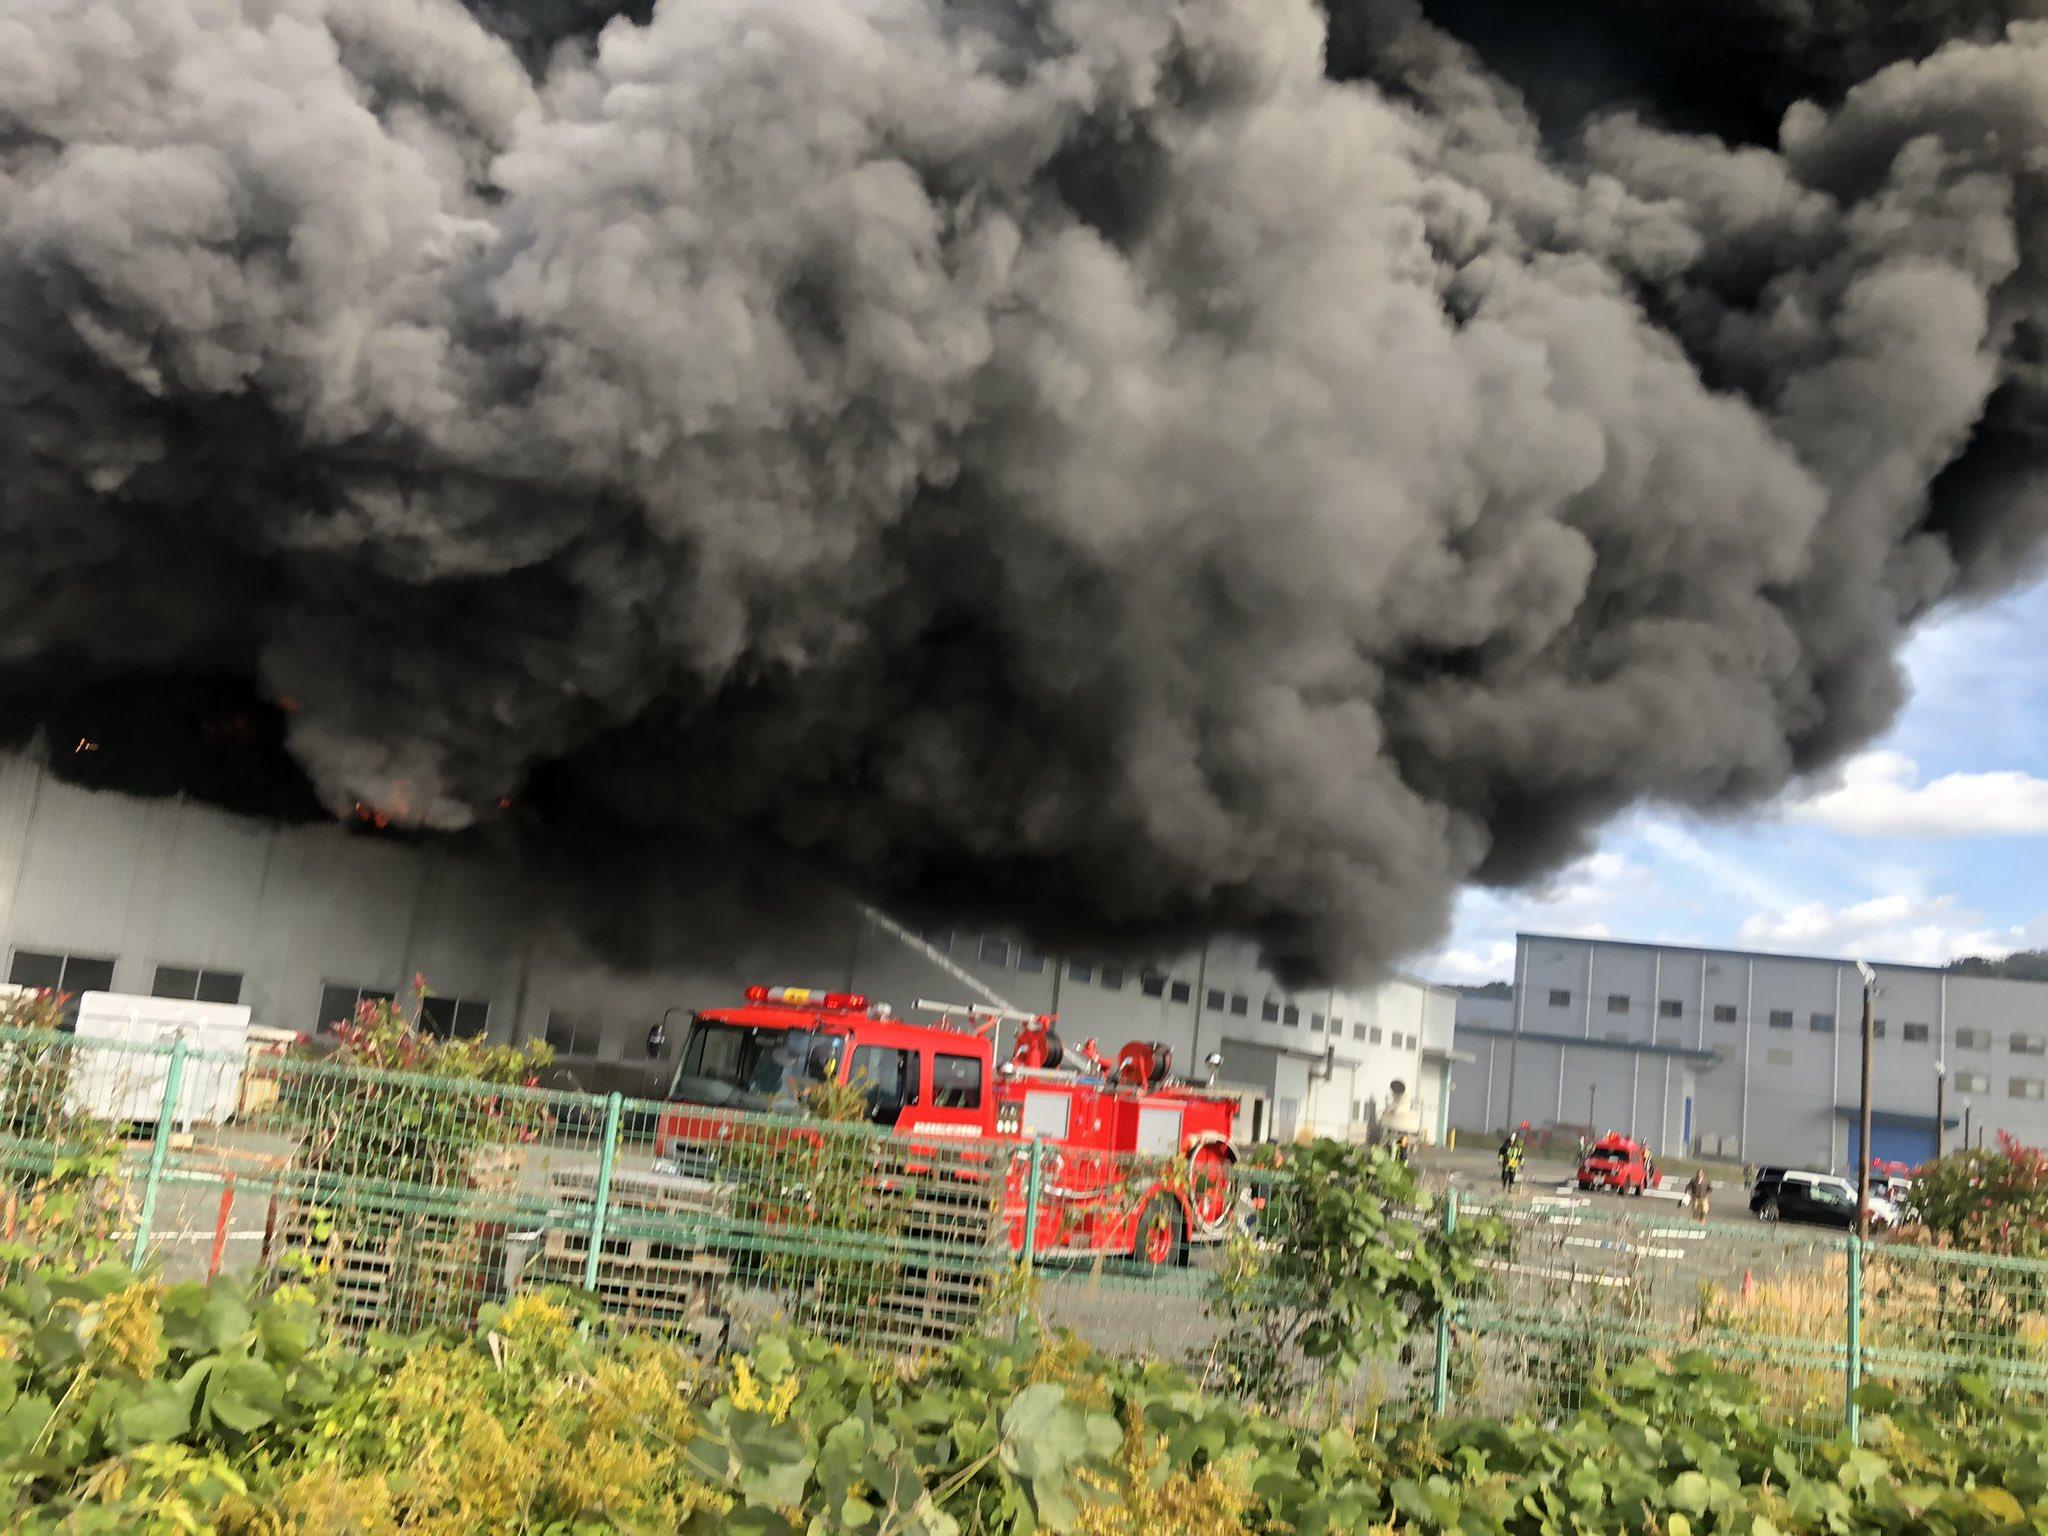 鳥取市船木の工場火災の現場の画像